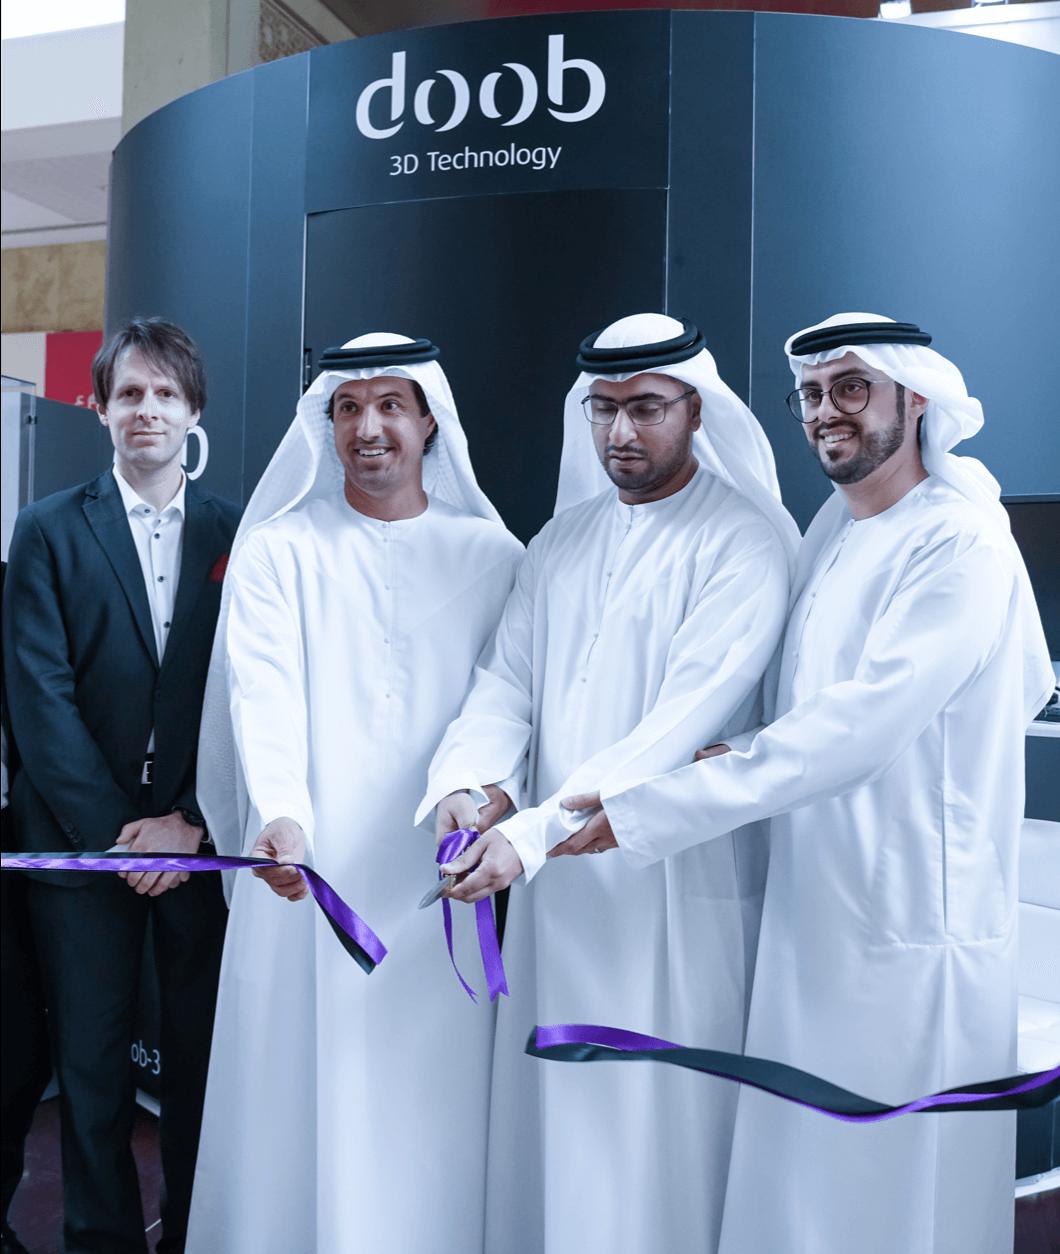 شركة اليوسف للطباعة ثلاثية الابعاد تقدم تقنية DOOB لأول مرة في الإمارات